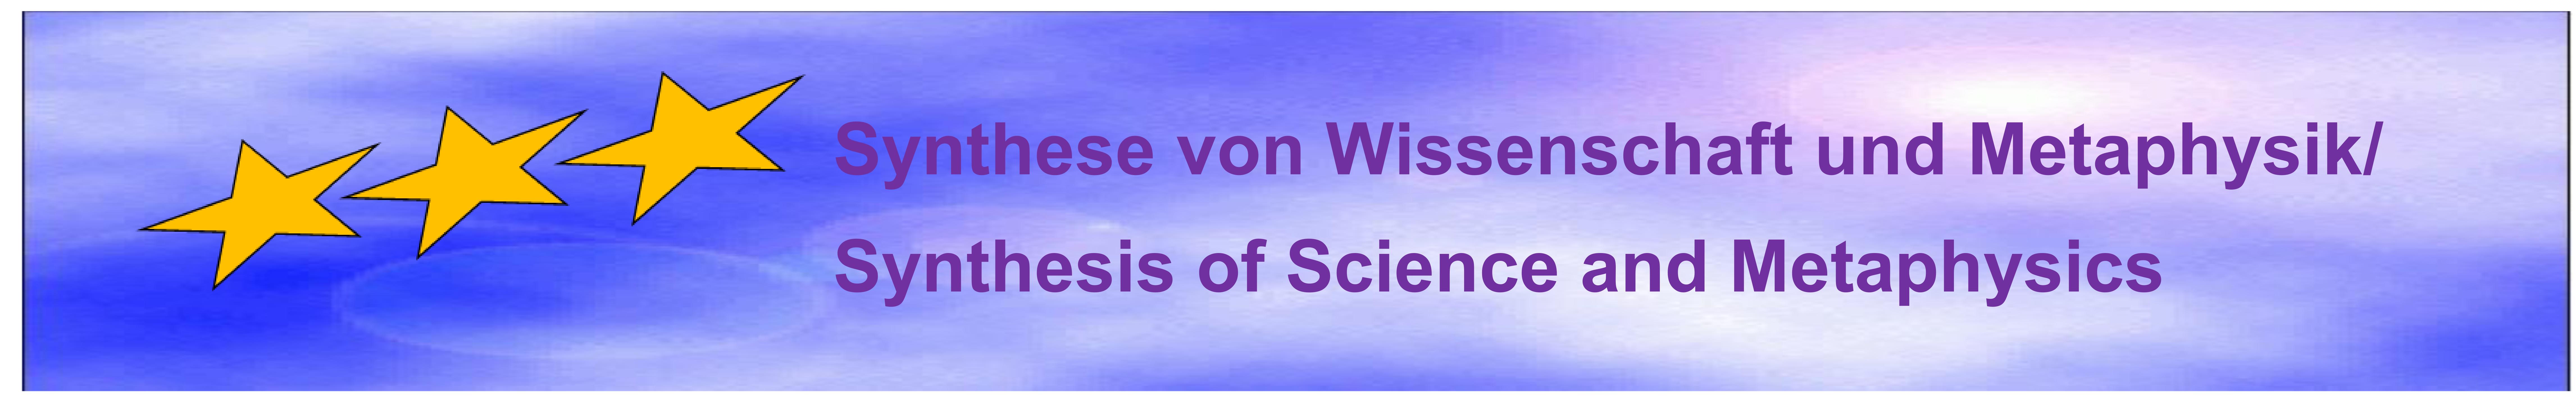 Synergien in Wissenschaft und Metaphysik